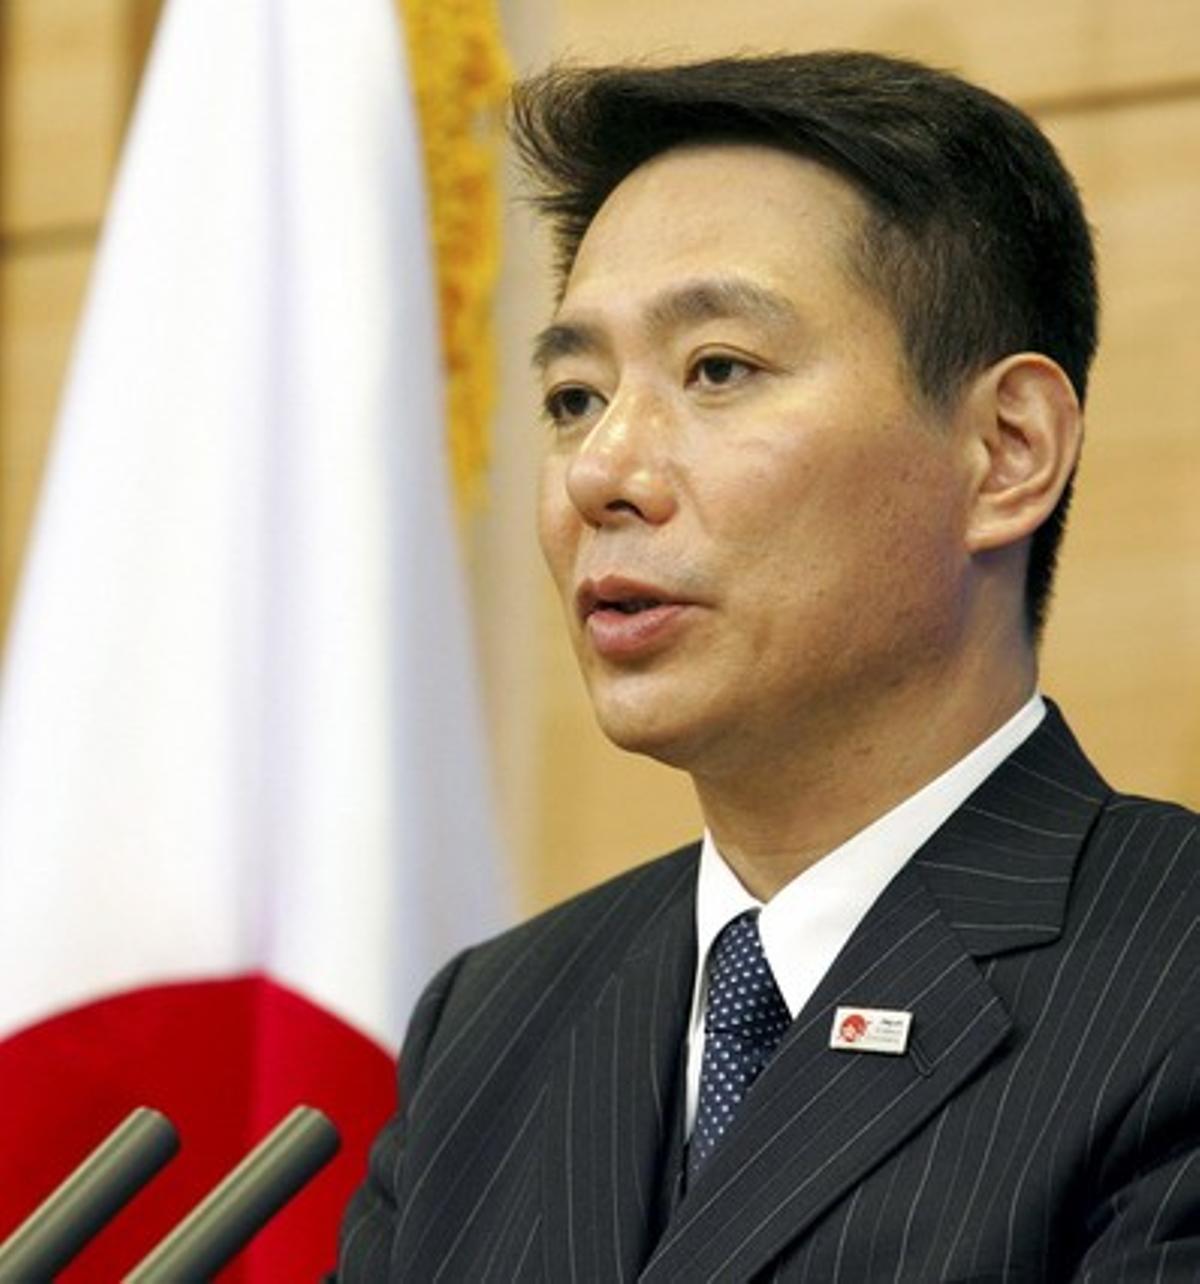 El ministro japonés de Exteriores, Seiji Maehara, ha dimitido tras divulgarse que recibió una donación ilegal.